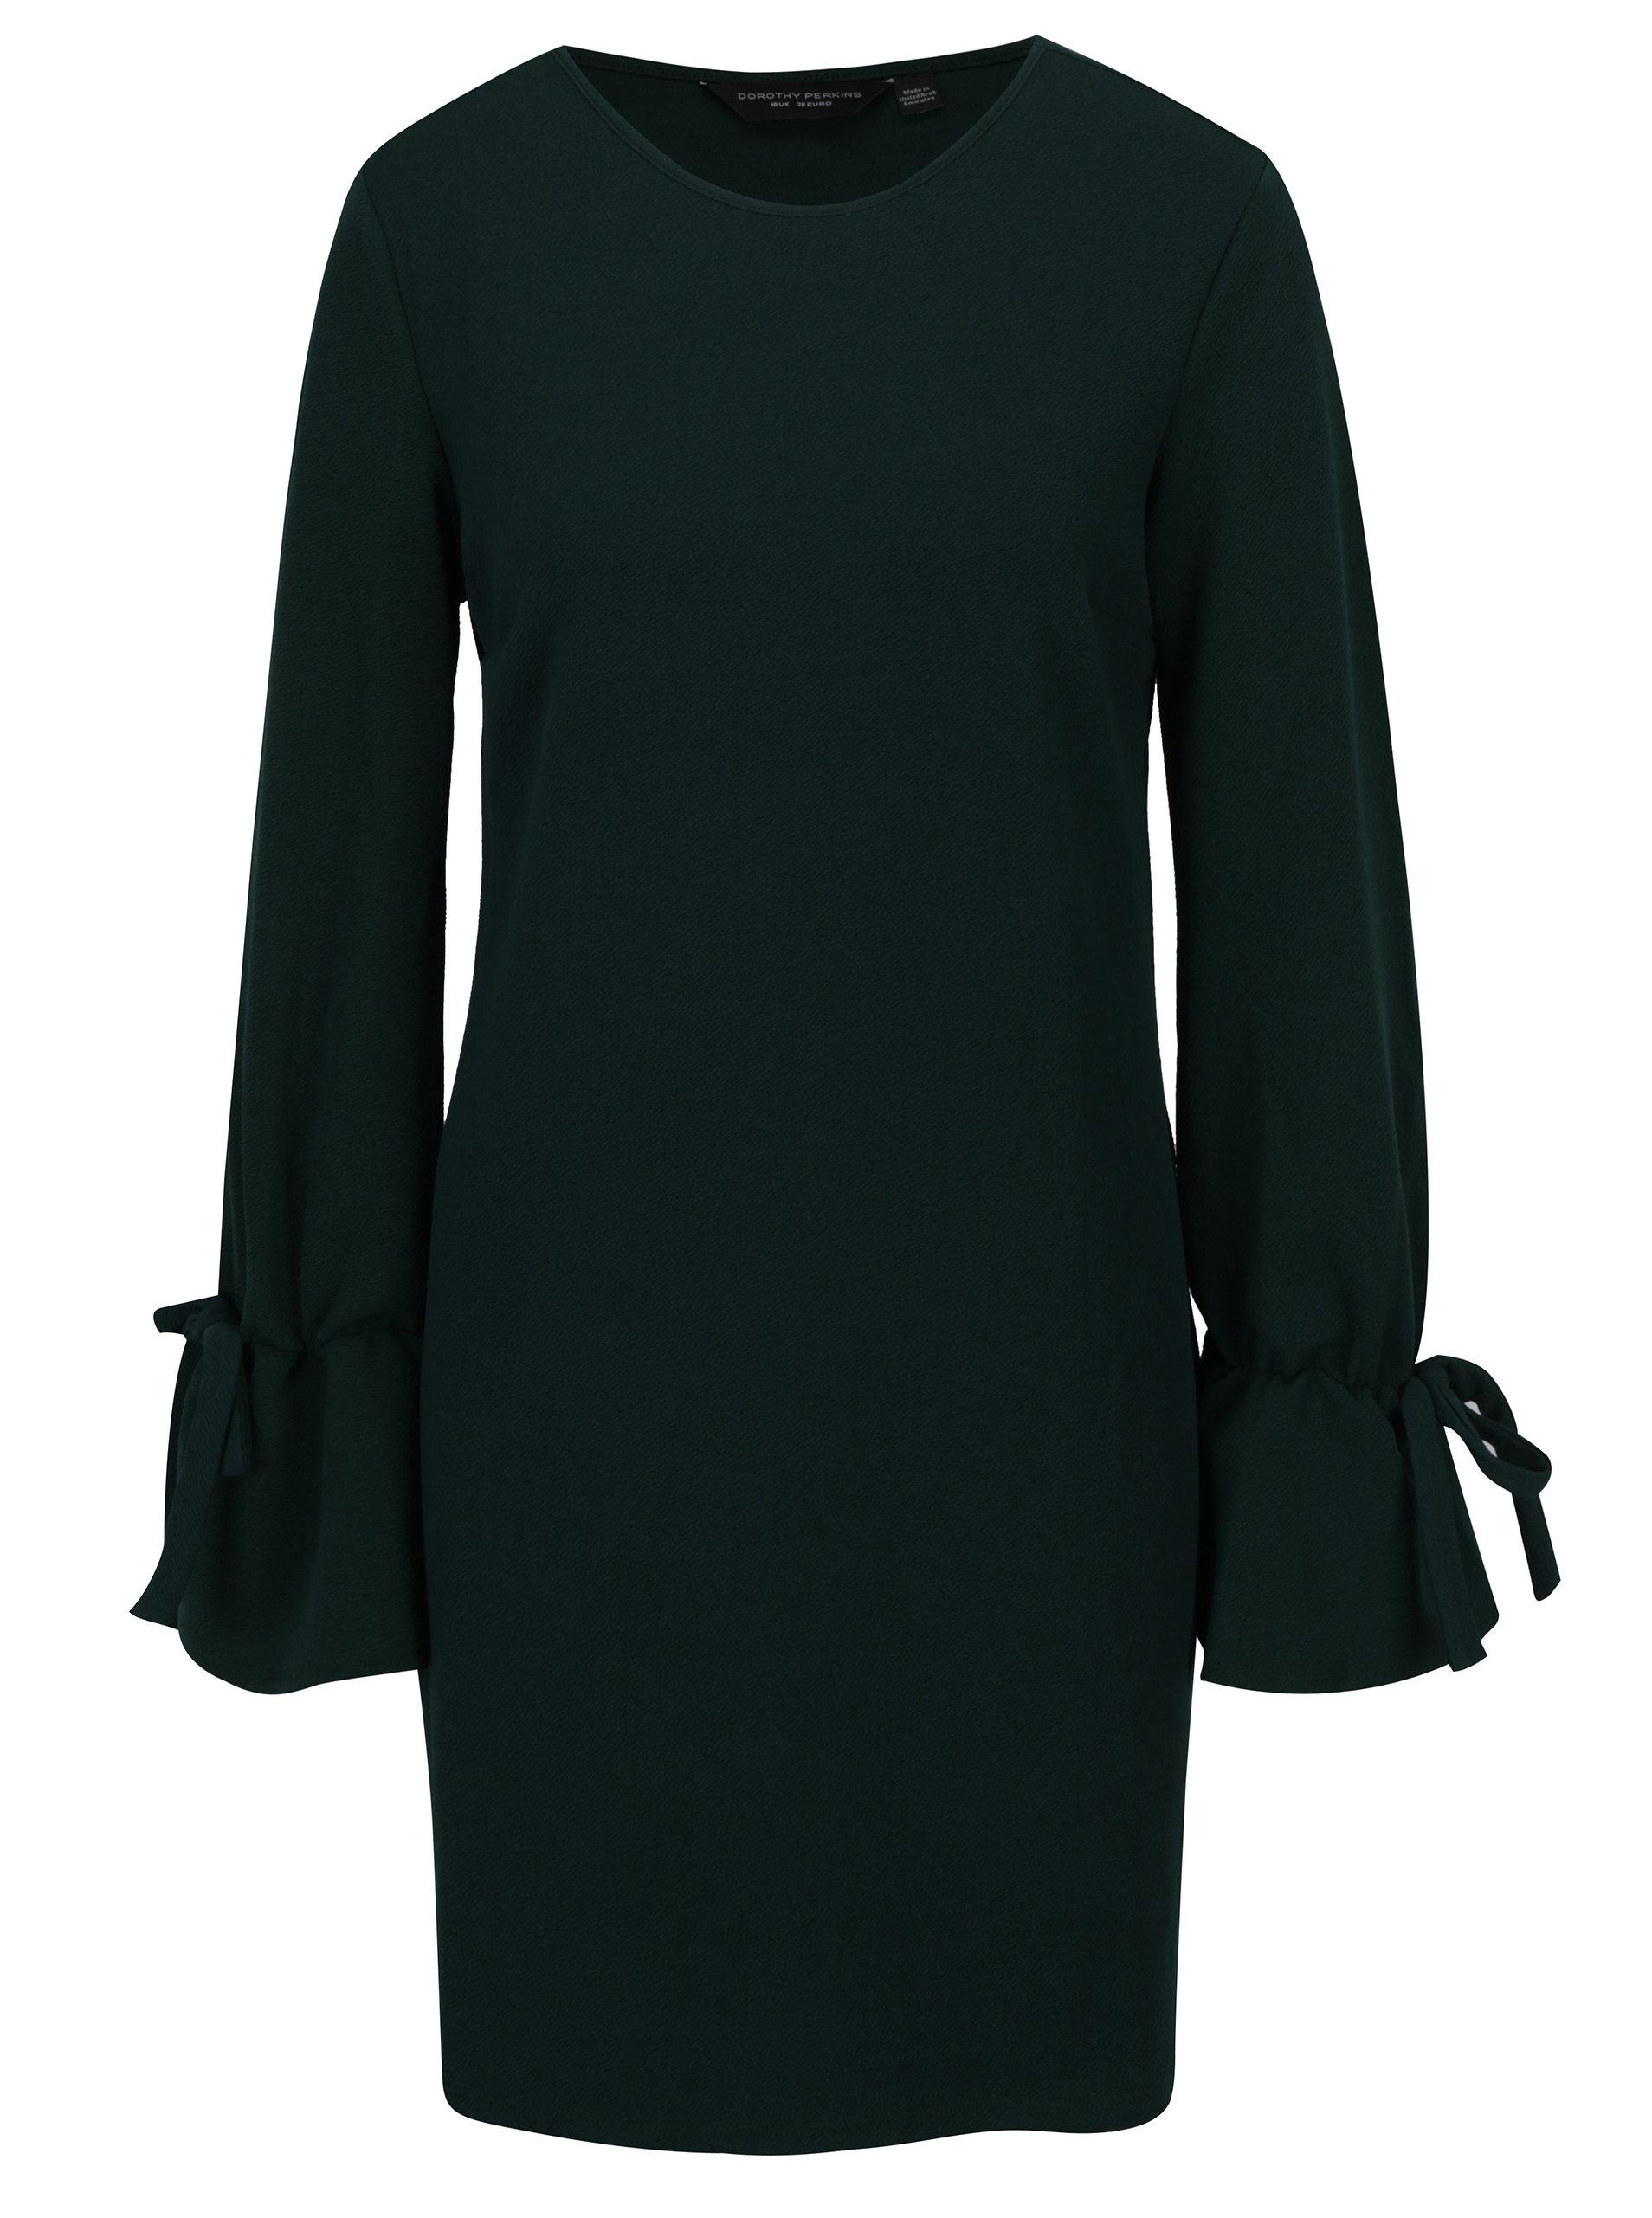 Tmavozelené šaty so zvonovými rukávy Dorothy Perkins ... 04a1598c4b0